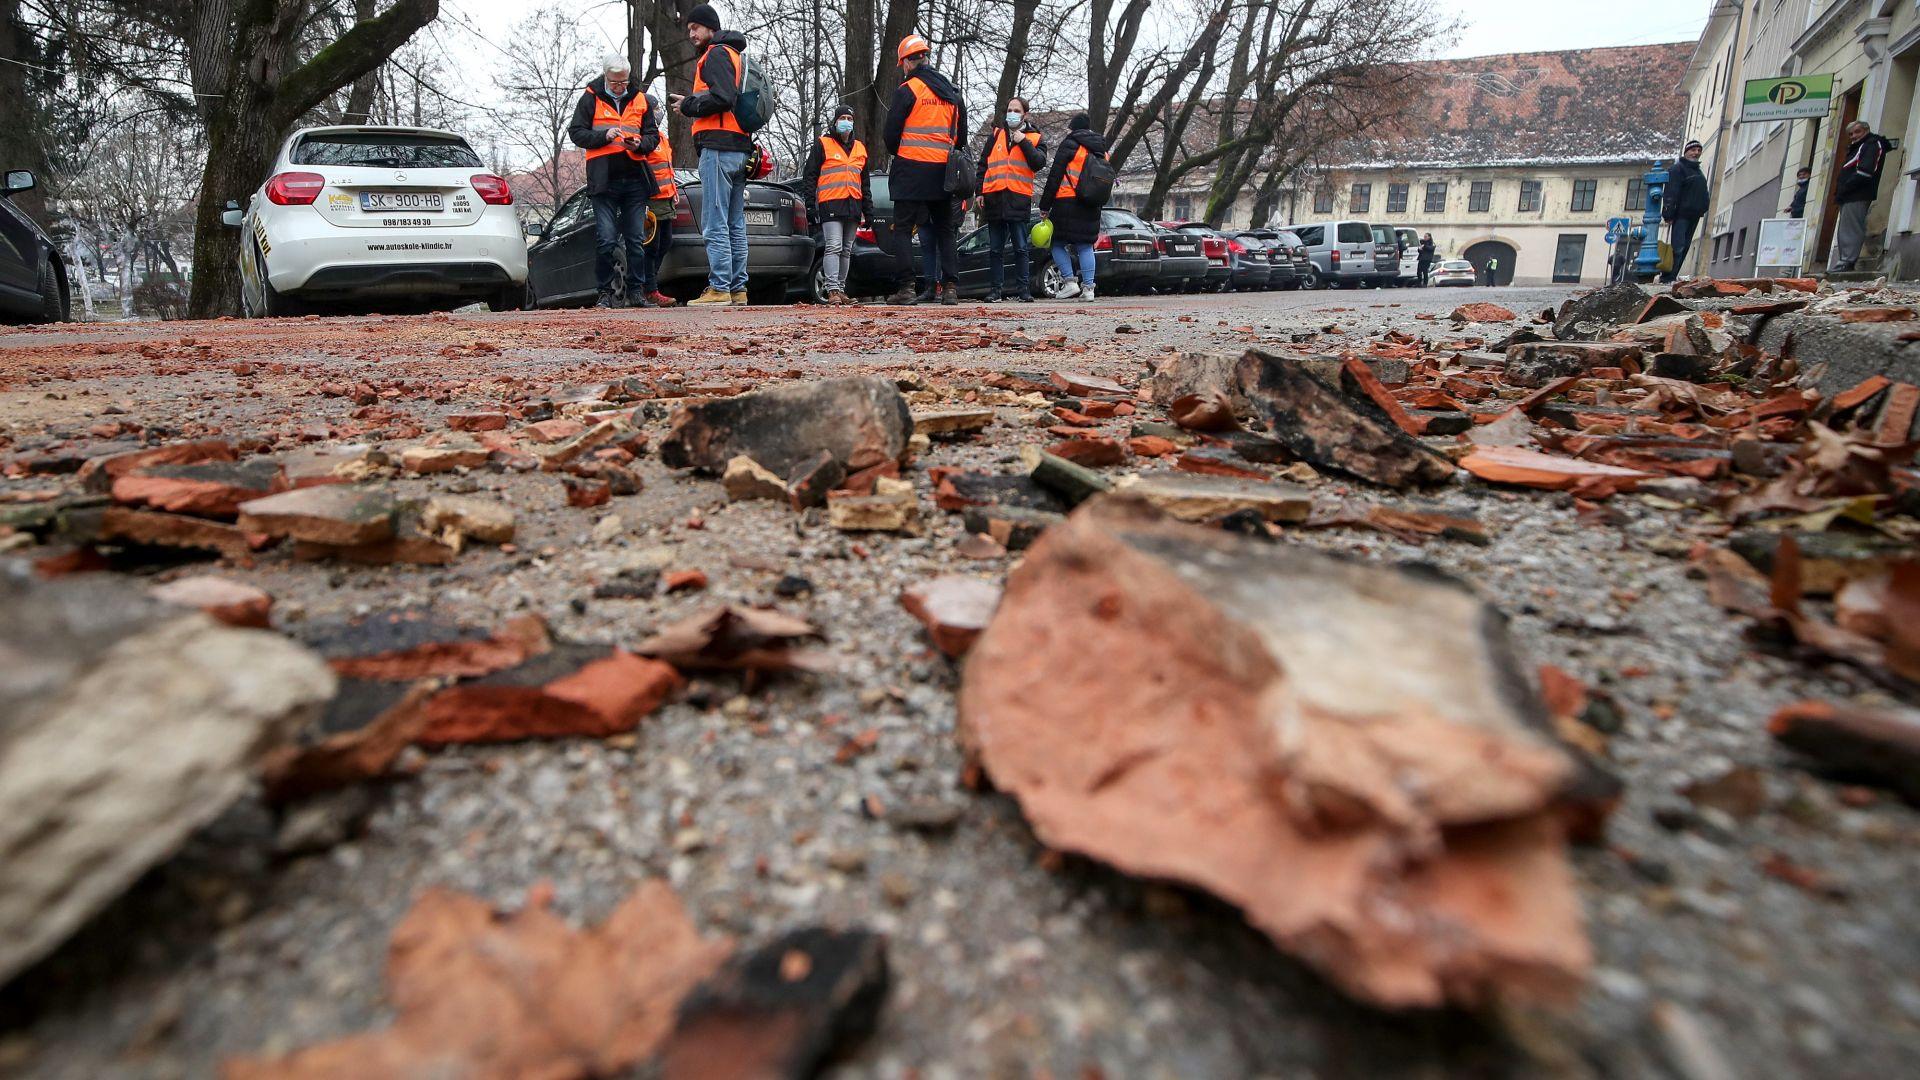 Българин, който живее край червената зона в Хърватия, не иска да се евакуира